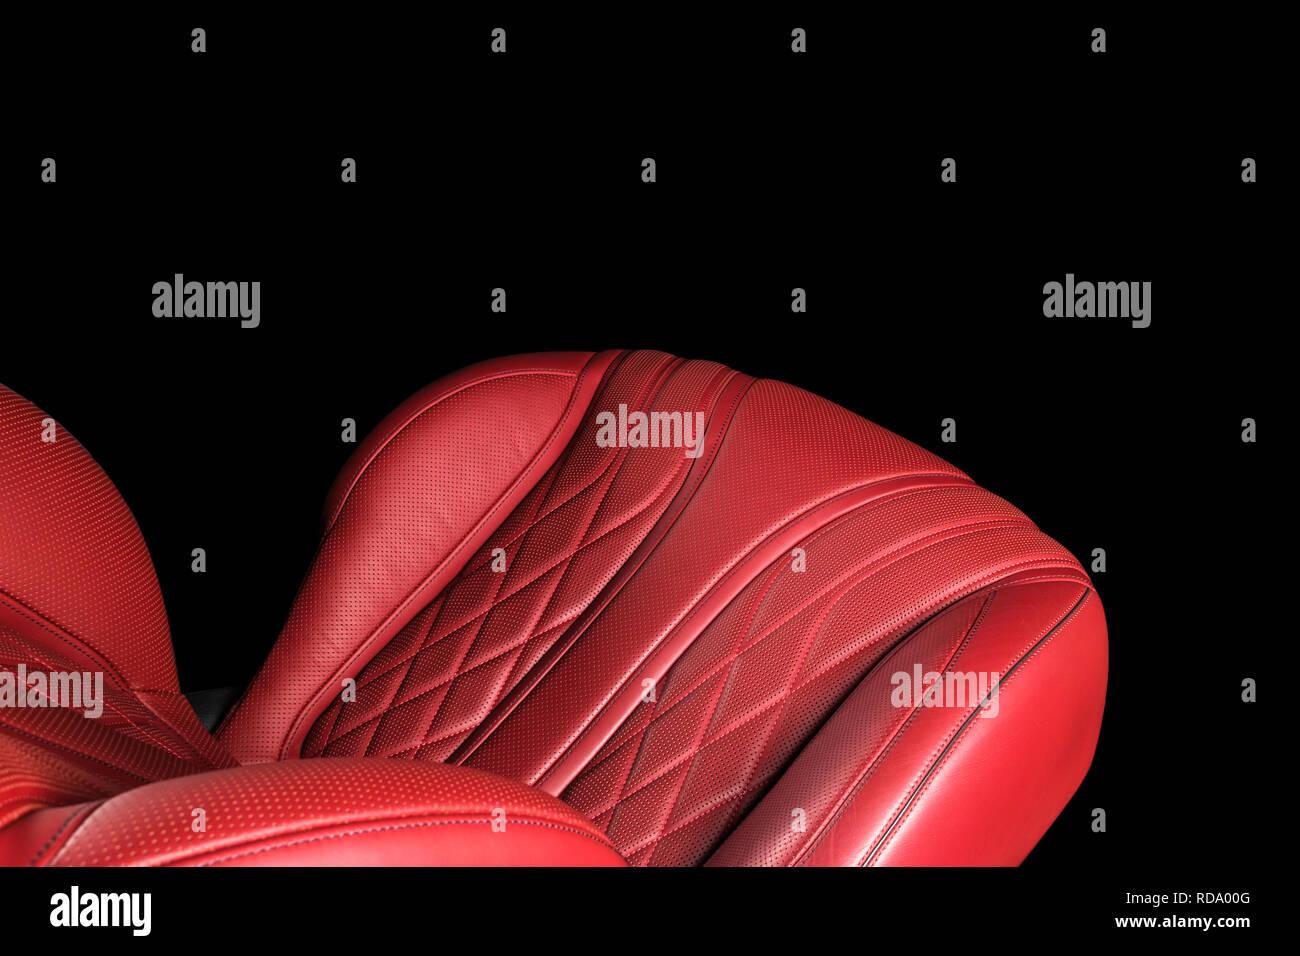 Car Seats Stock Photos & Car Seats Stock Images - Alamy